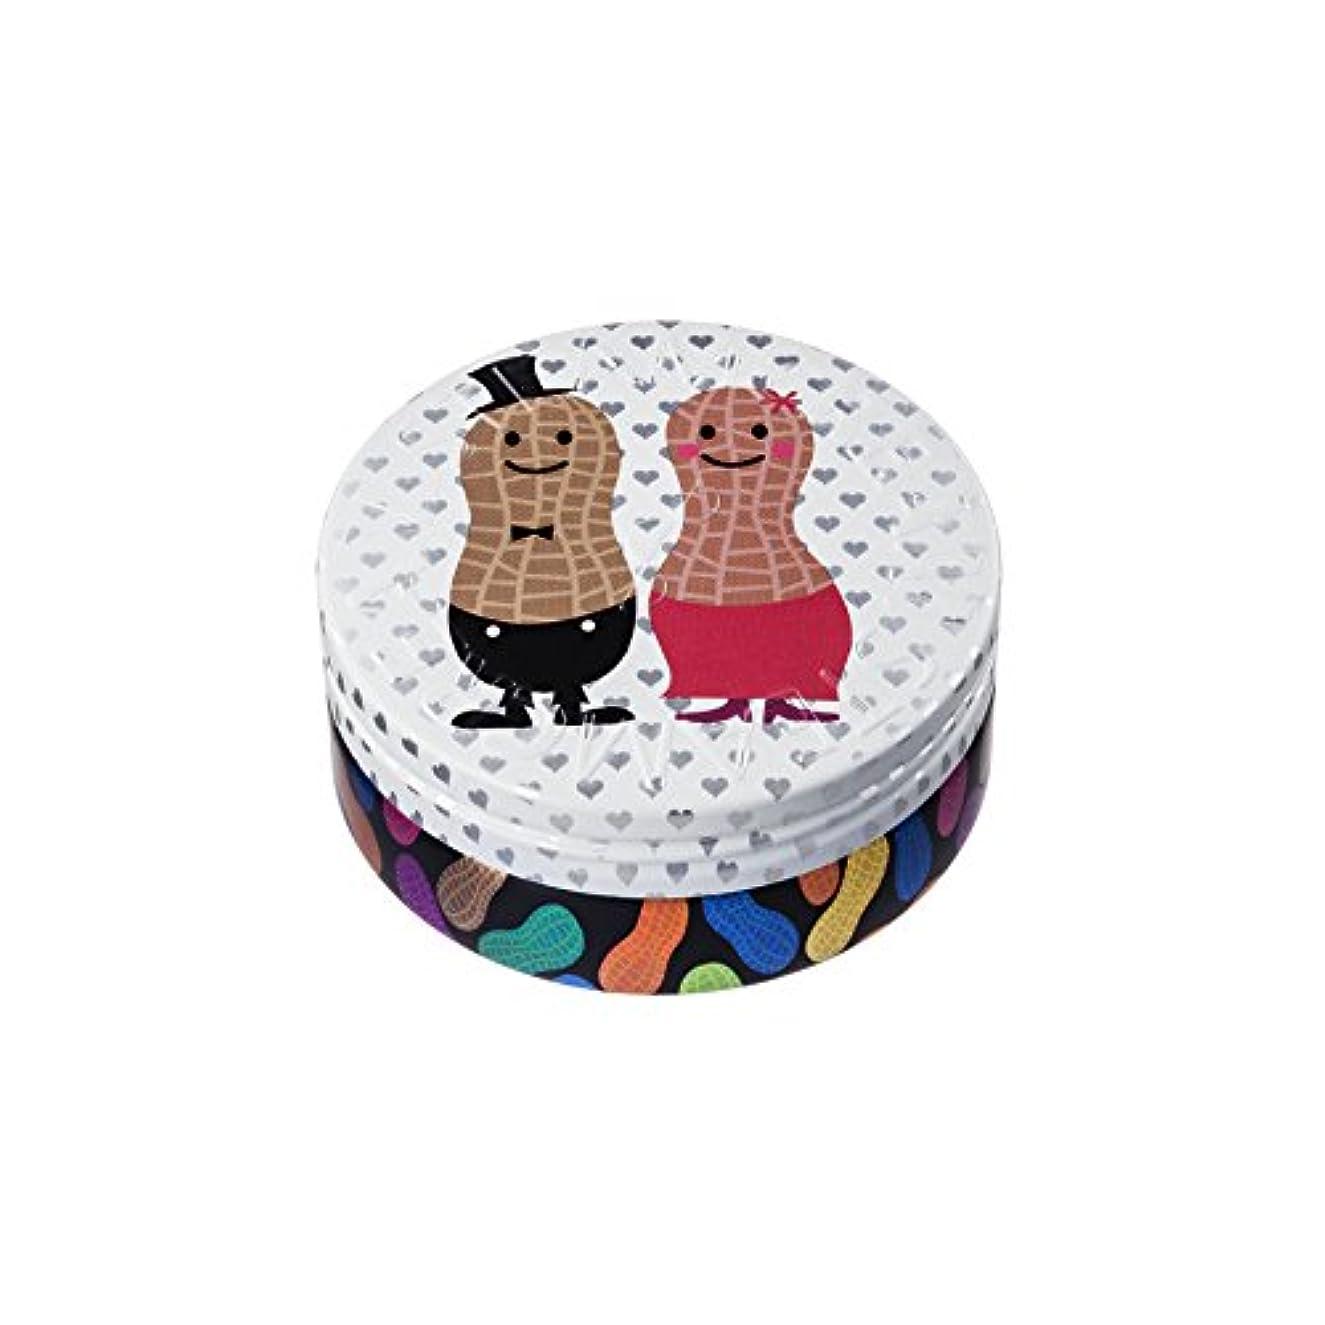 所有権リットル優雅なスチームクリーム NUTS FOR YOU(ナッツ?フォー?ユー) 75g 【並行輸入品】